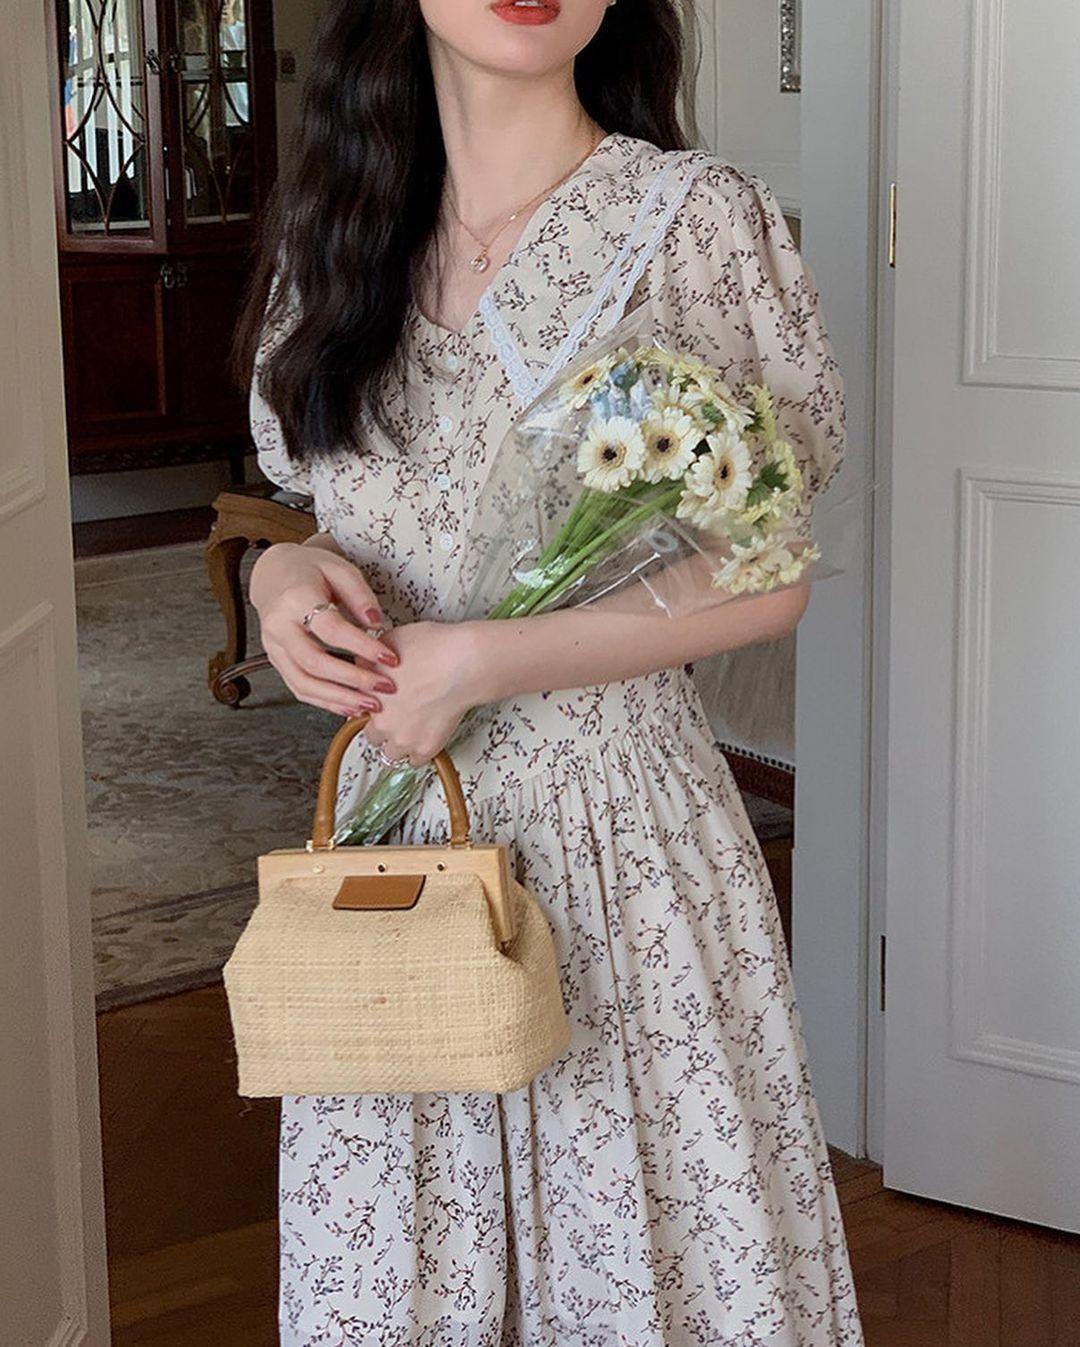 Thiều Bảo Trâm diện toàn váy hoa xinh ngất trong MV mới, bỏ vài ba trăm là bạn sắm được váy xinh ngang ngửa - ảnh 22